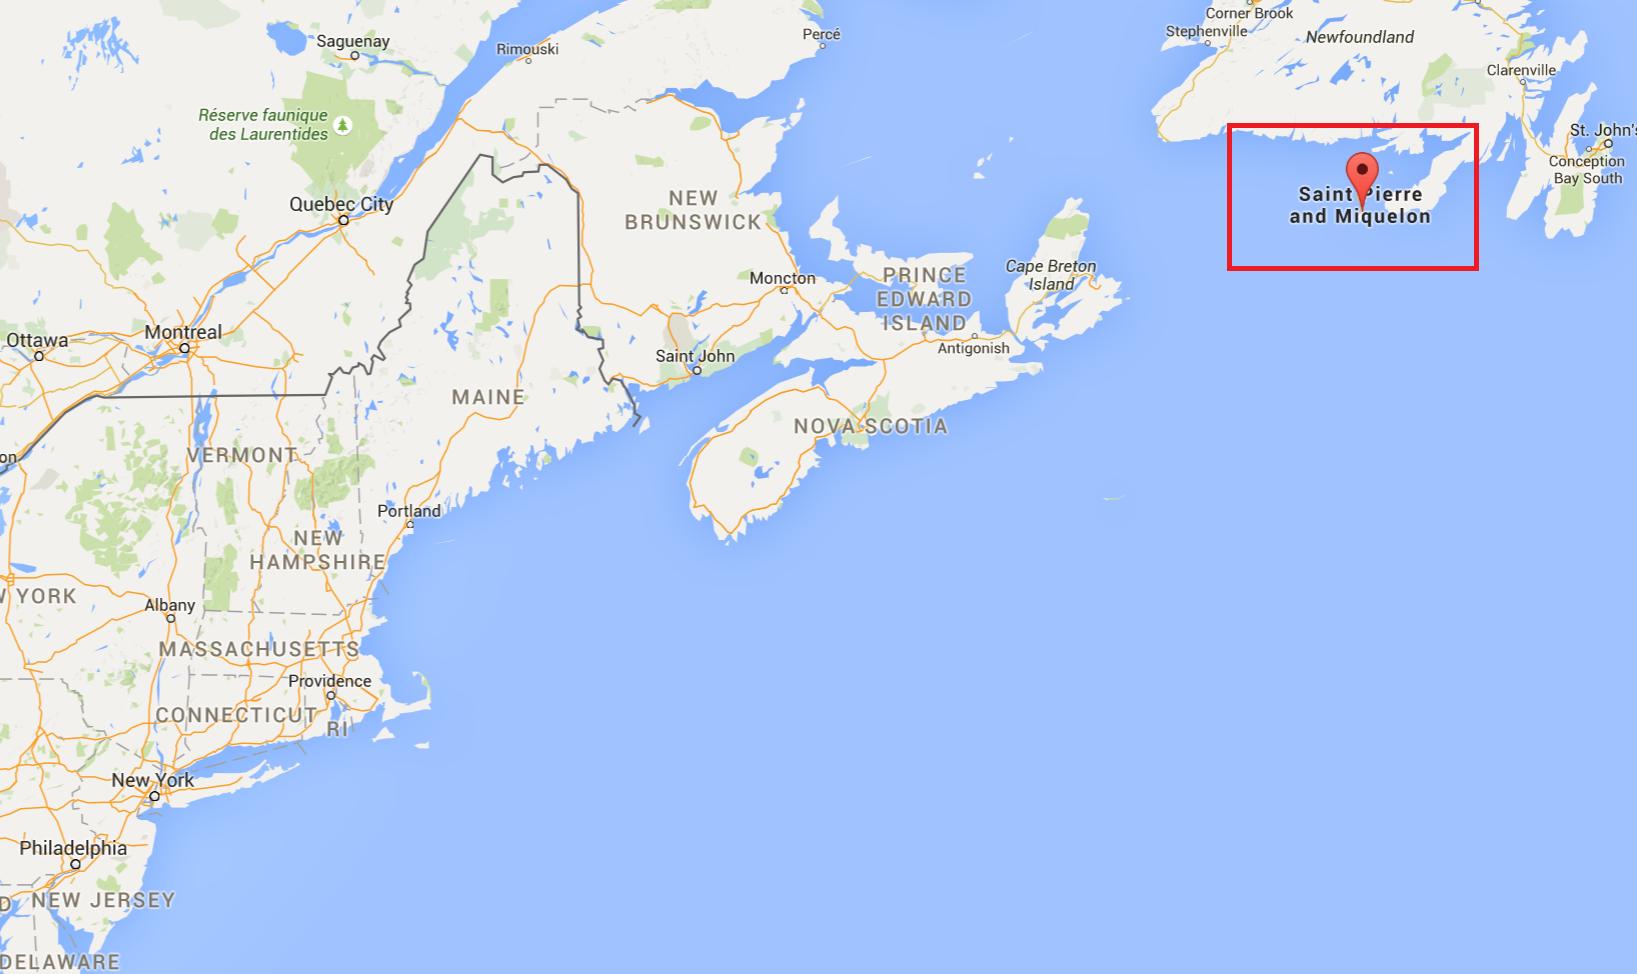 Saint Pierre And Miquelon People France SaintPierre Et Miquelon - Saint pierre and miquelon map